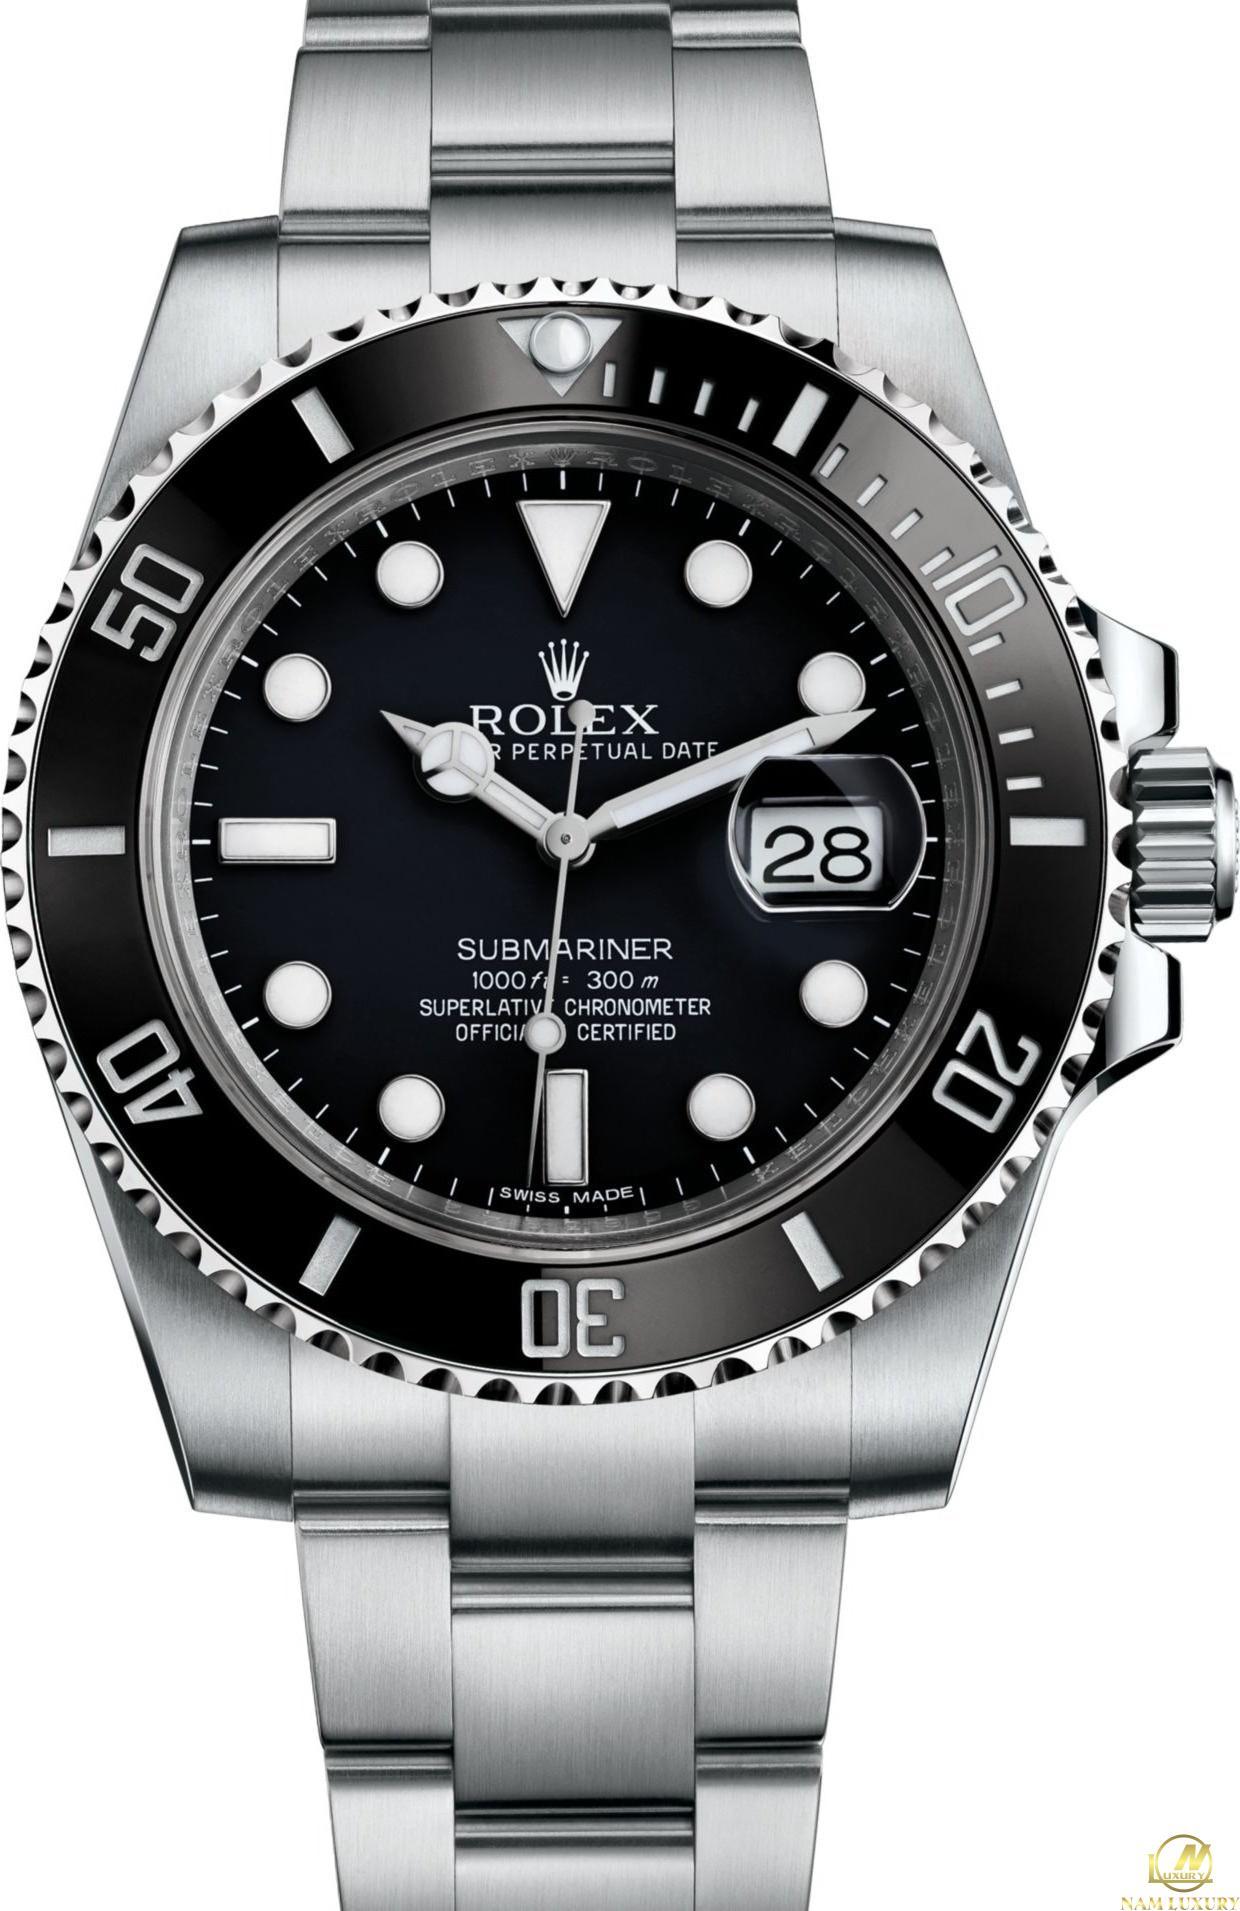 Đồng hồ ROLEX SUBMARINER 116610ln-0001 WATCH 40